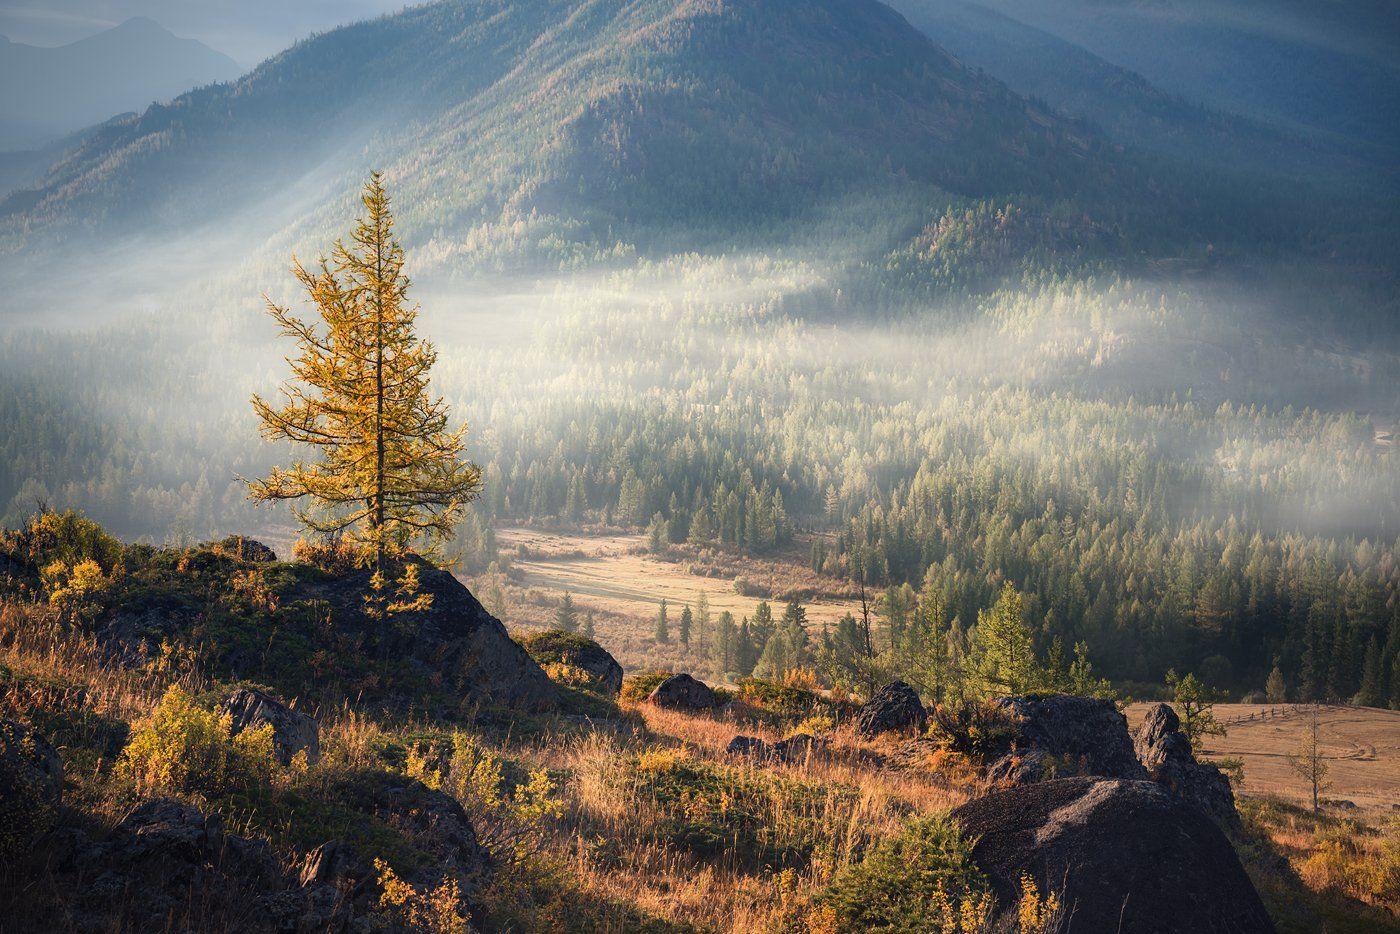 природа, nature, пейзаж, landscape, горы, mounts, mountains, тайга, taiga, лес, forest, дерево, tree, rocks, камни, mist, fog, morning, туман, дымка, утро, прохладное, chilly, cool, early morning, раннее, big, high, большой, высокий, лиственница, larix, в, Дмитрий Антипов